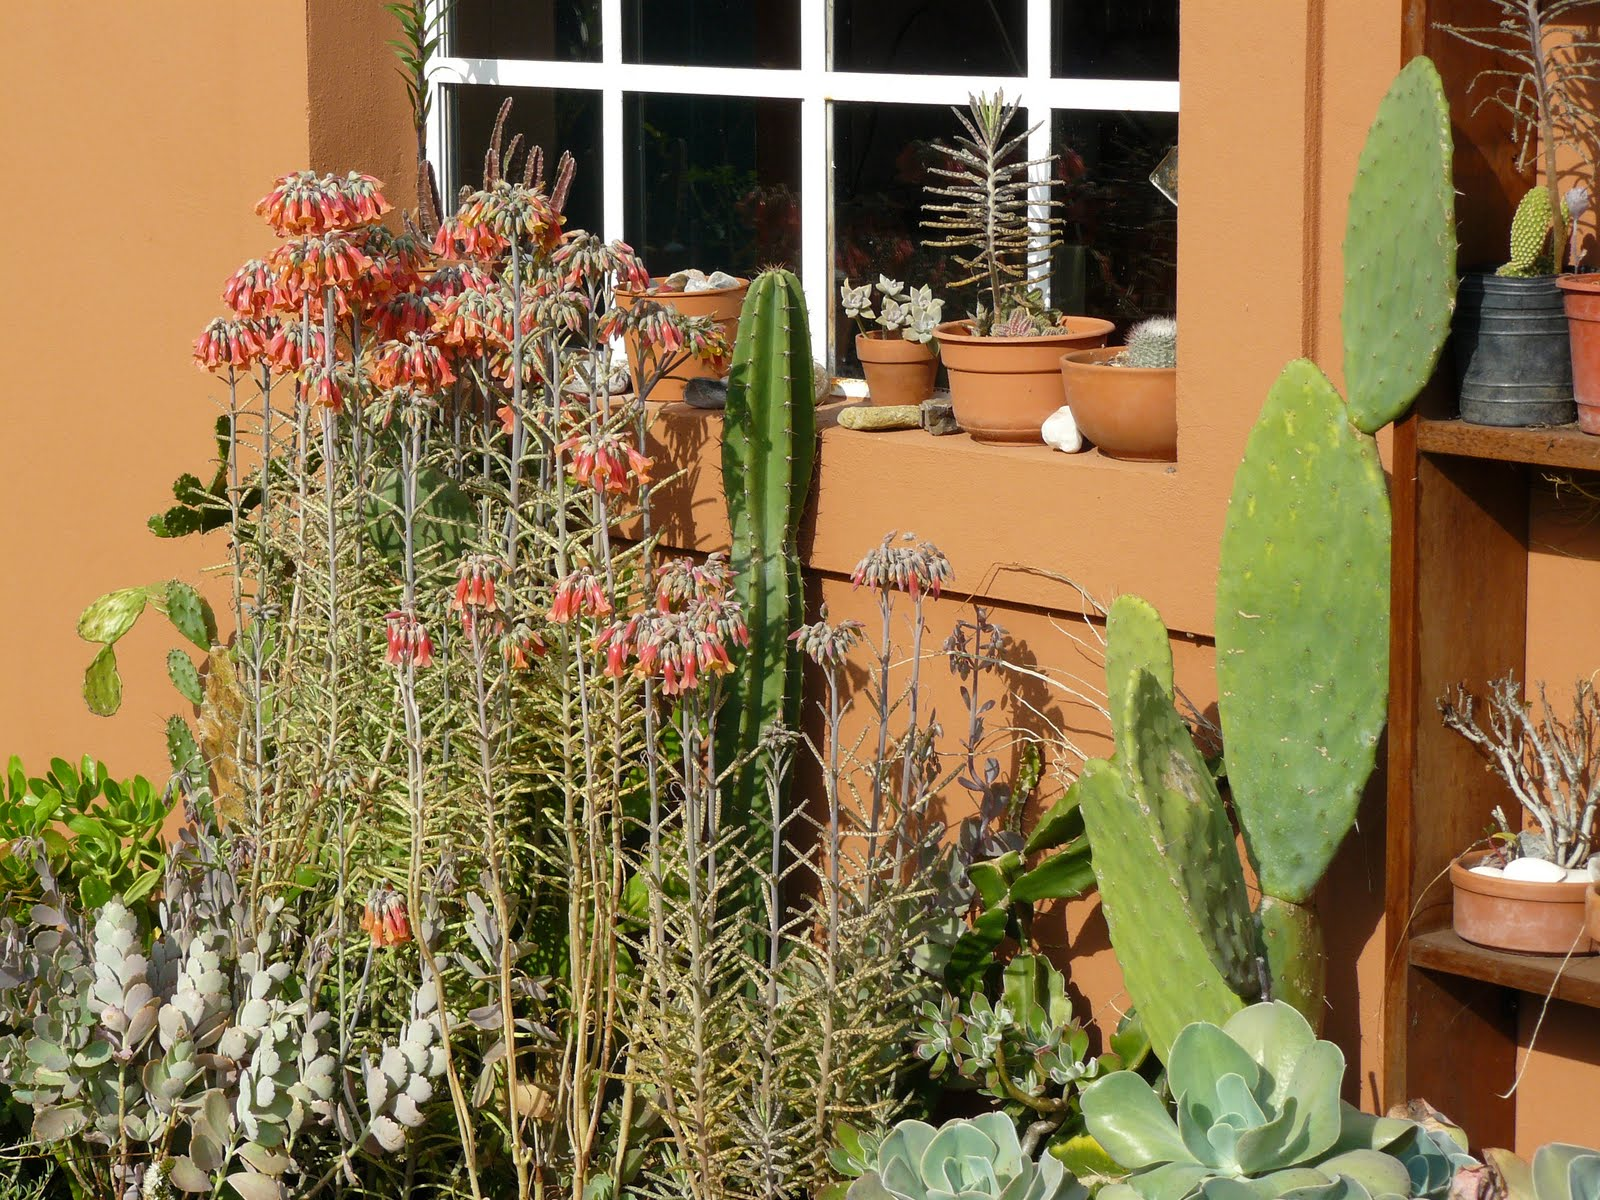 Jardines de cactus y suculentas kalanchoe tubiflora for Cactus y suculentas